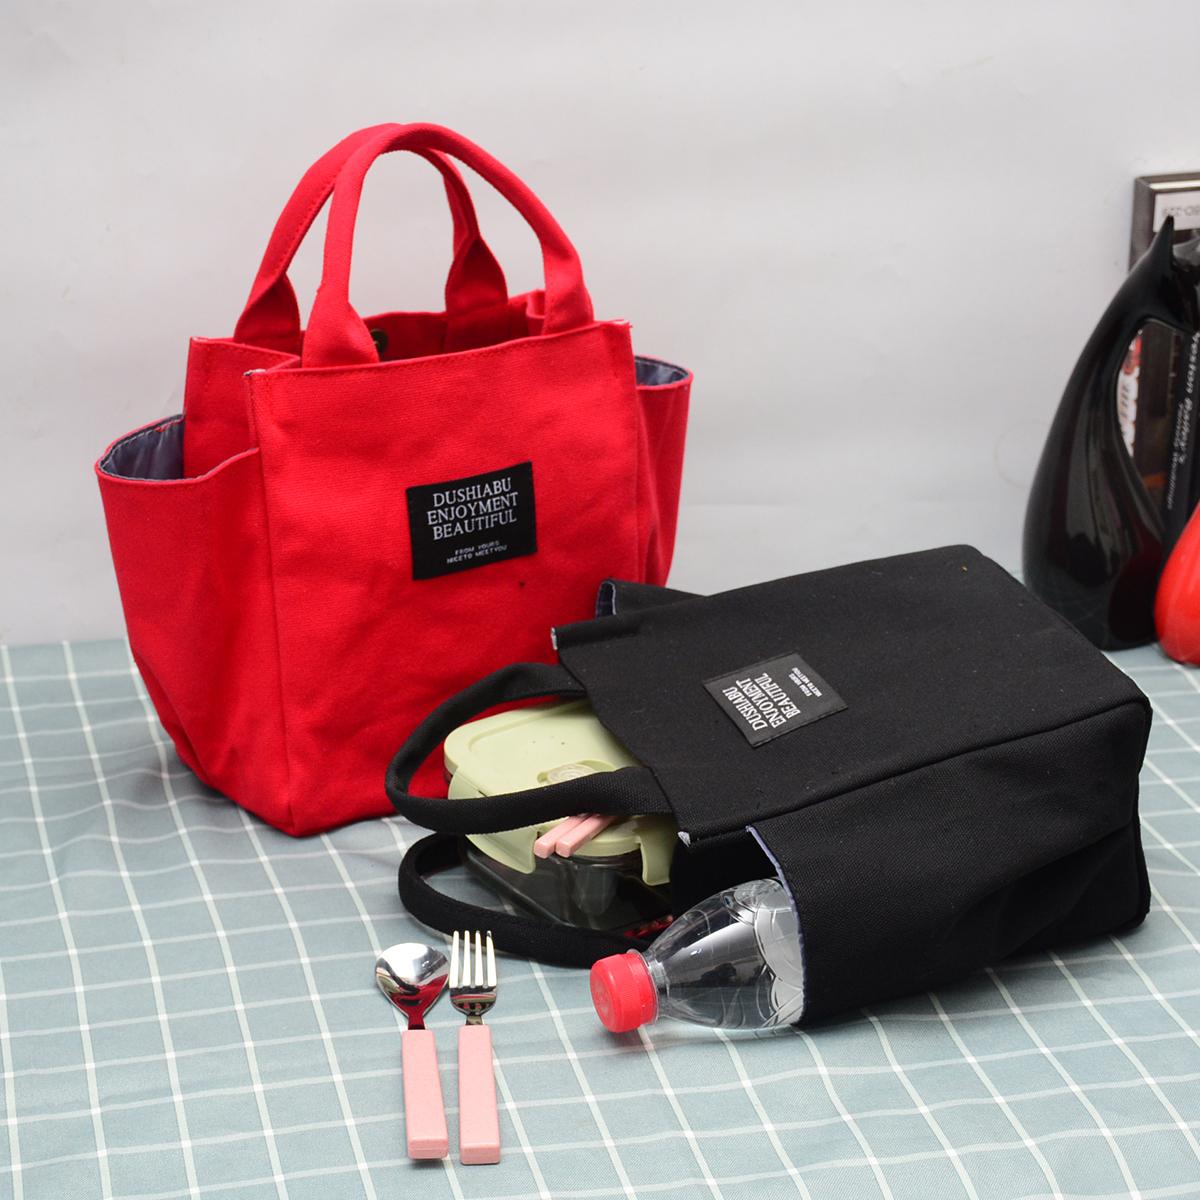 紫色手提包 帆布手提包女小号手提妈妈包杂物手拎妈咪包饭盒袋上班外出小拎包_推荐淘宝好看的紫色手提包